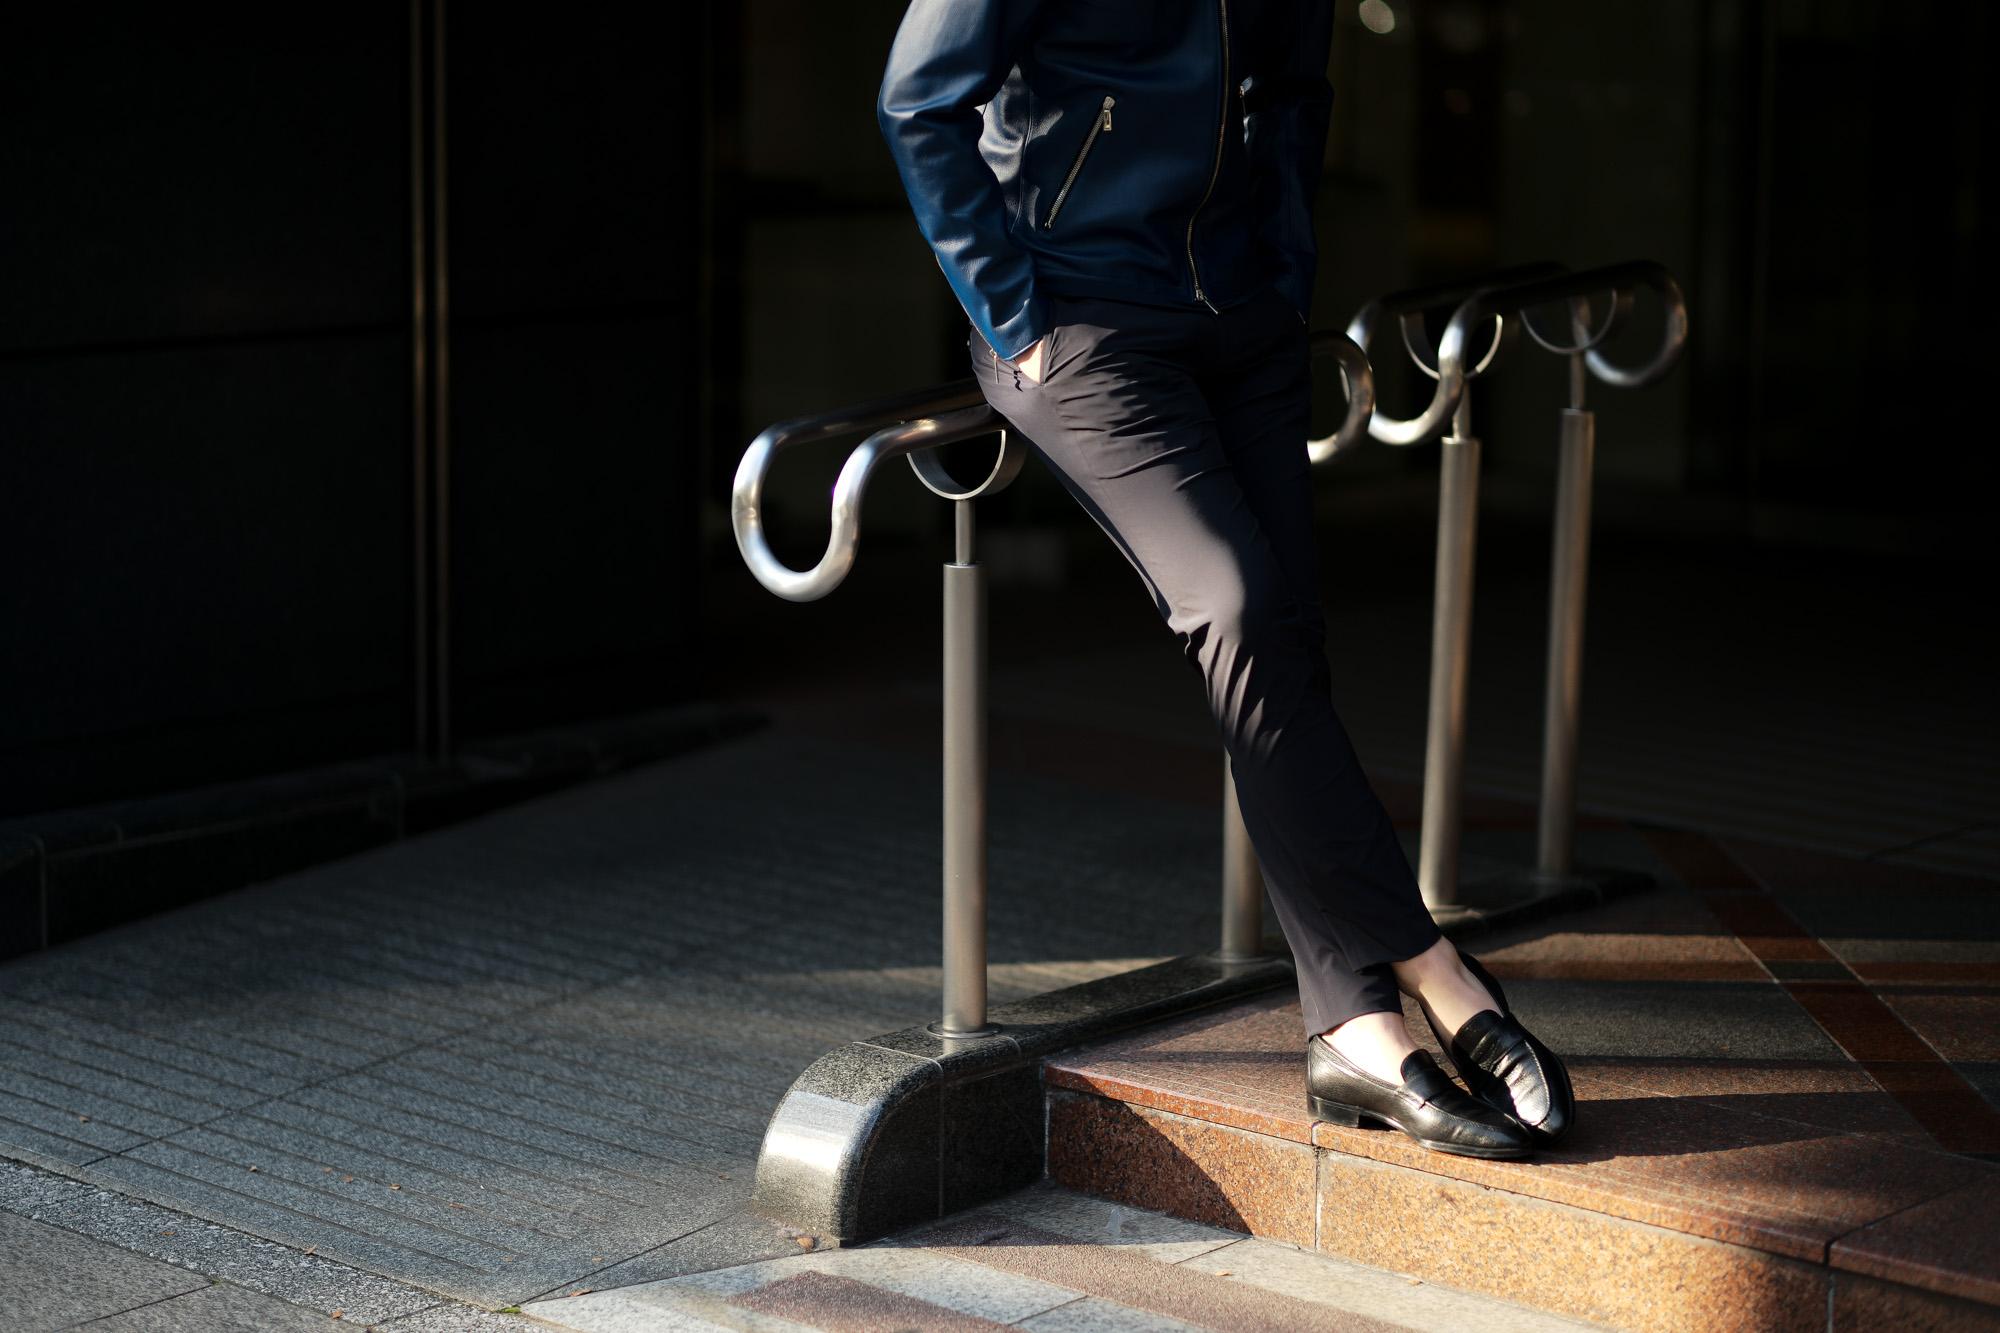 cuervo bopoha (クエルボ ヴァローナ) Sartoria Collection (サルトリア コレクション) Brad (ブラッド) WASHABLE 2WAY SUPER COMFORT NYLON ウォッシャブル ストレッチ ナイロン スラックス NAVY (ネイビー) MADE IN JAPAN (日本製) 2020 春夏新作 愛知 名古屋 altoediritto アルトエデリット